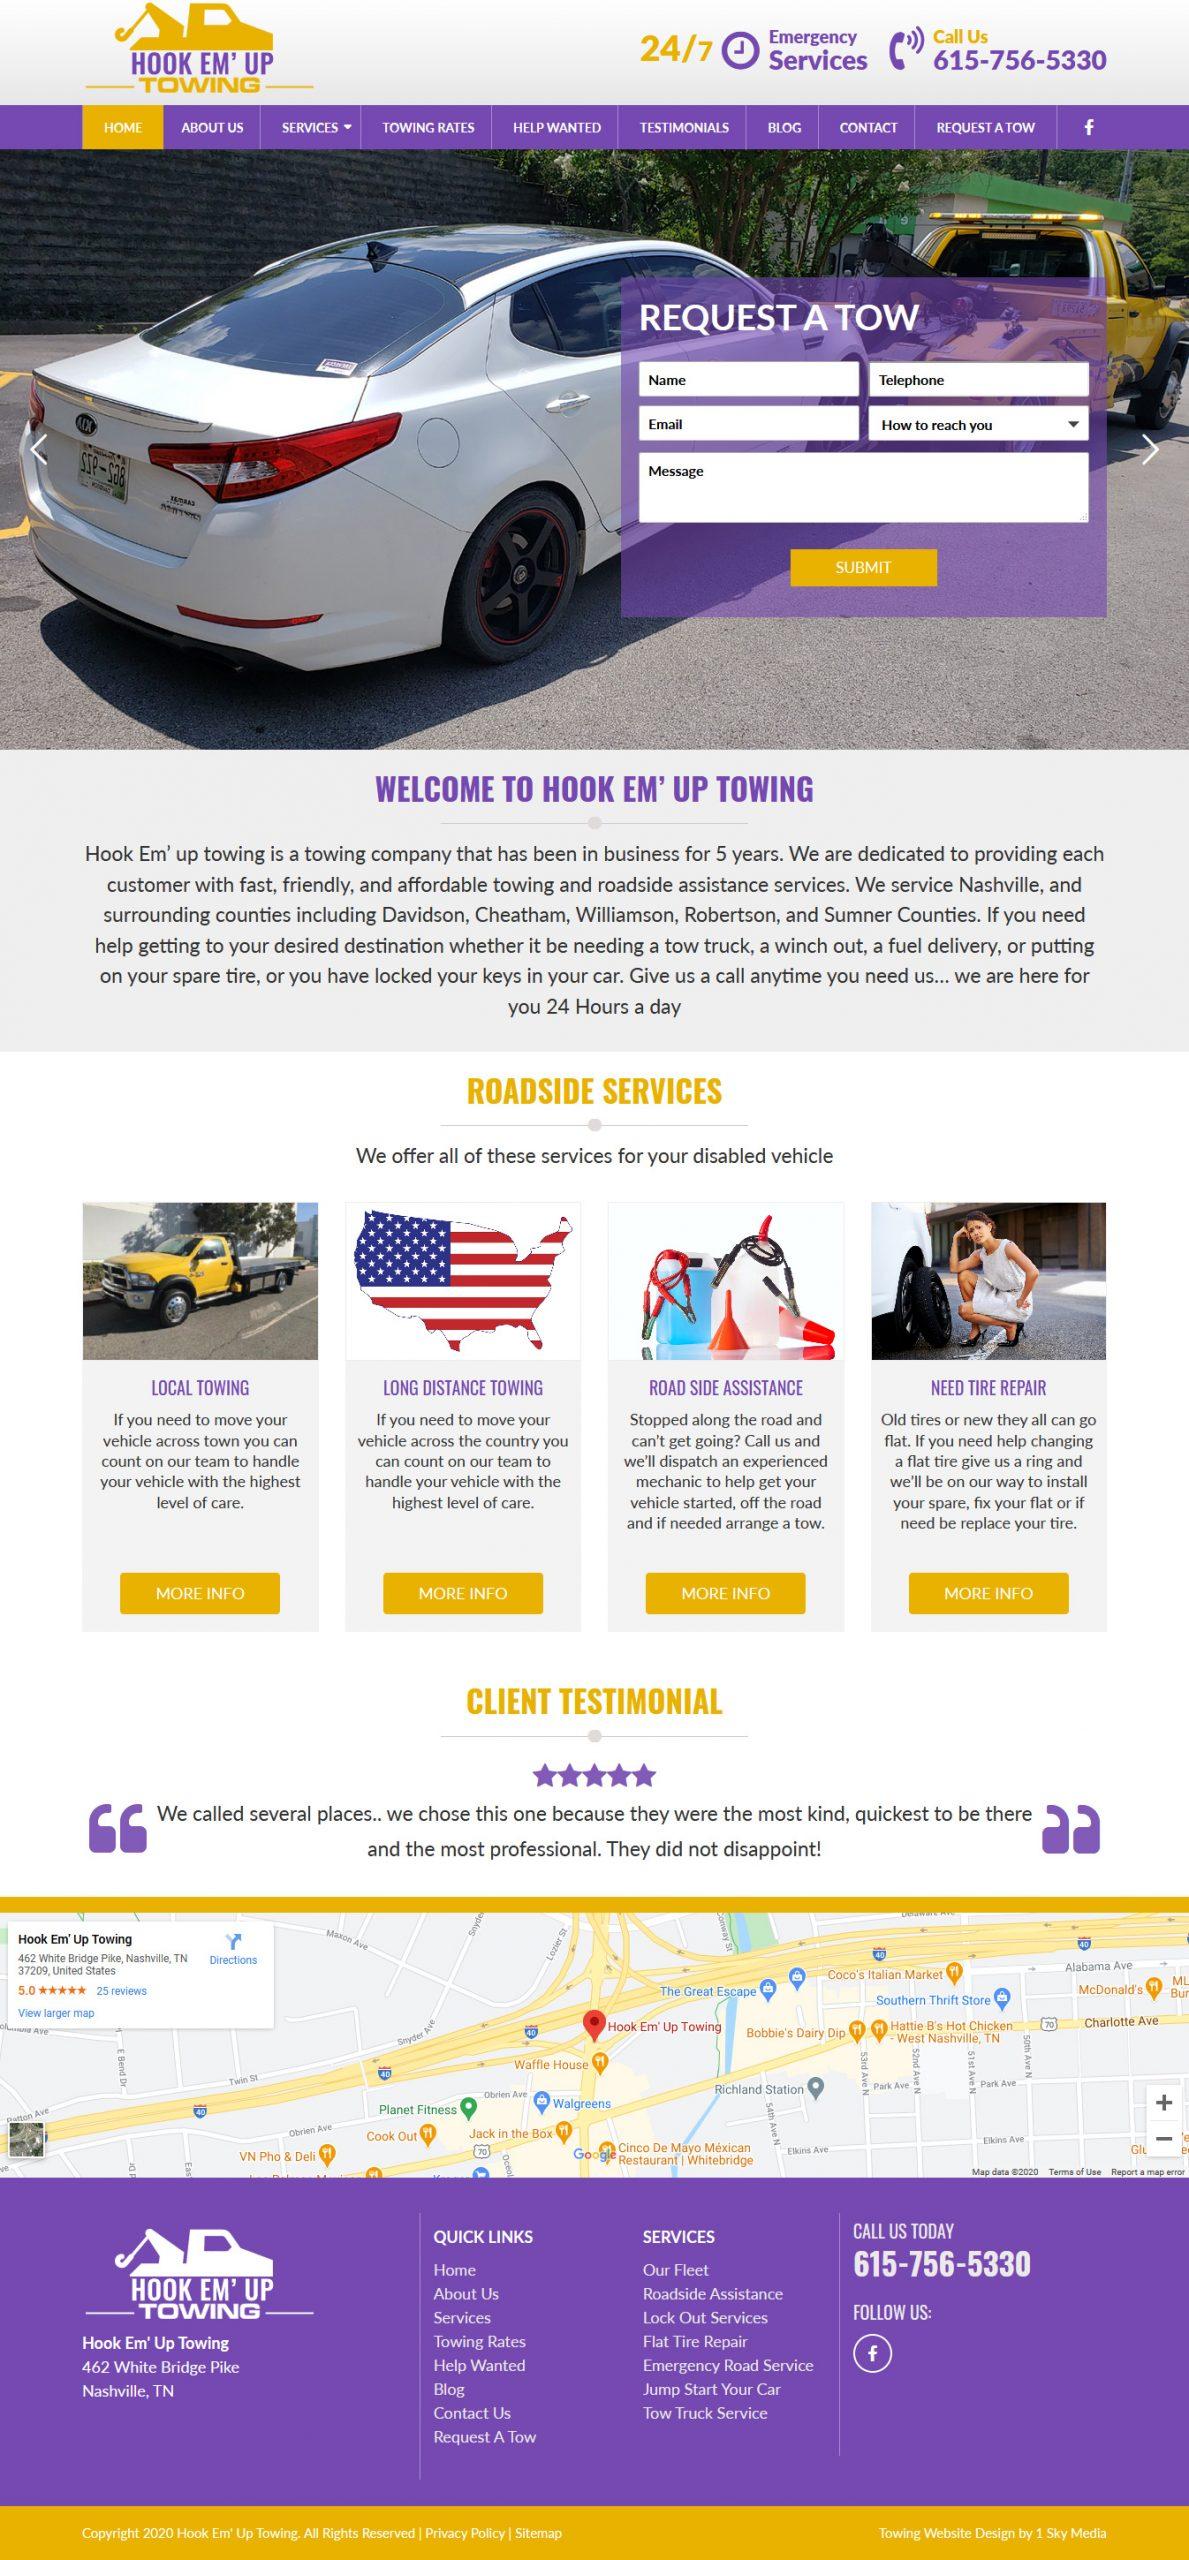 HookEmUp Towing Website Design